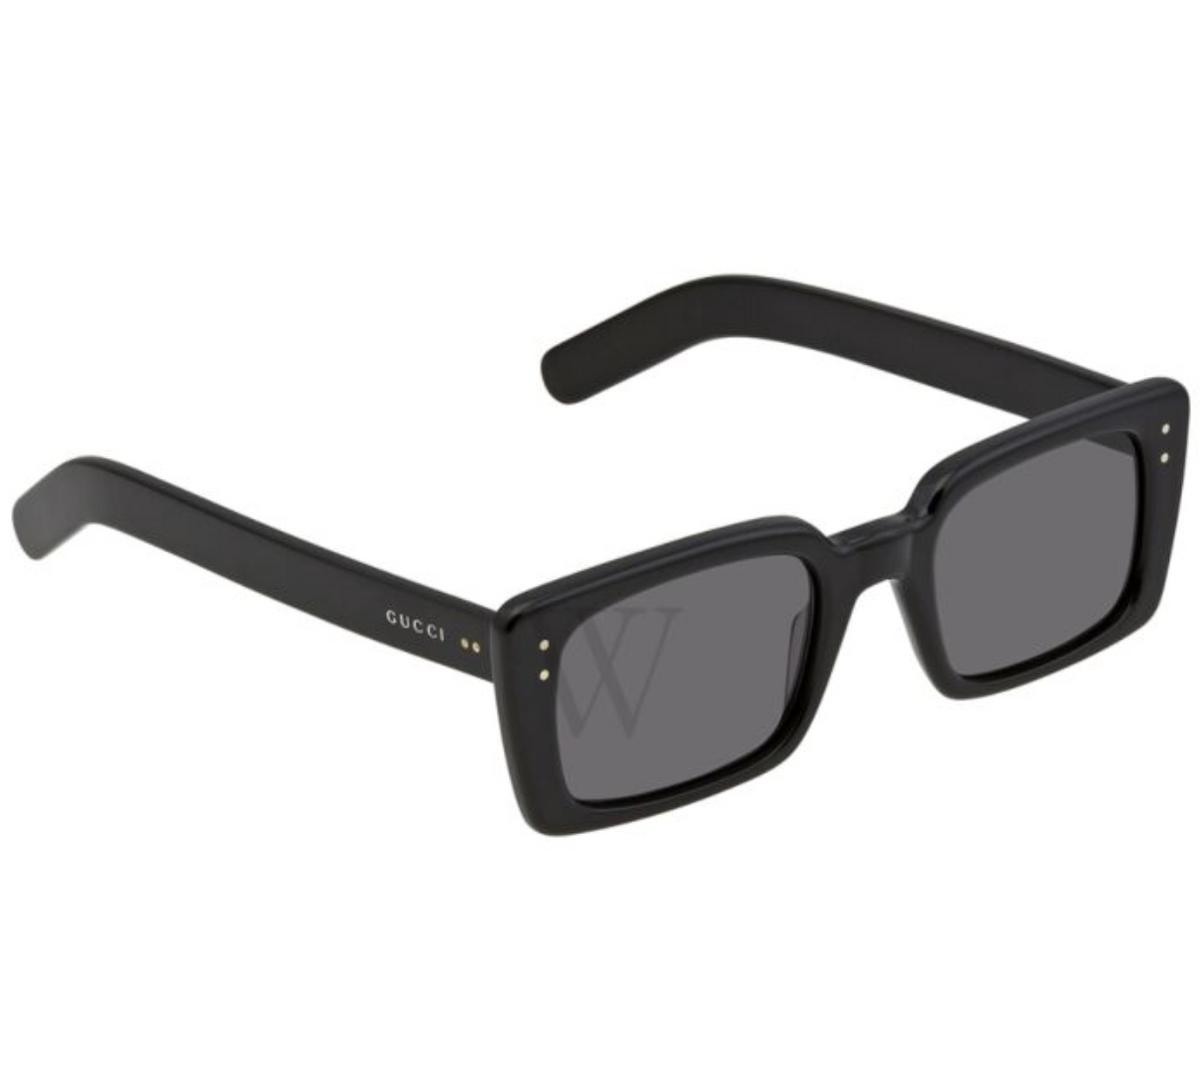 52mm Sunglasses